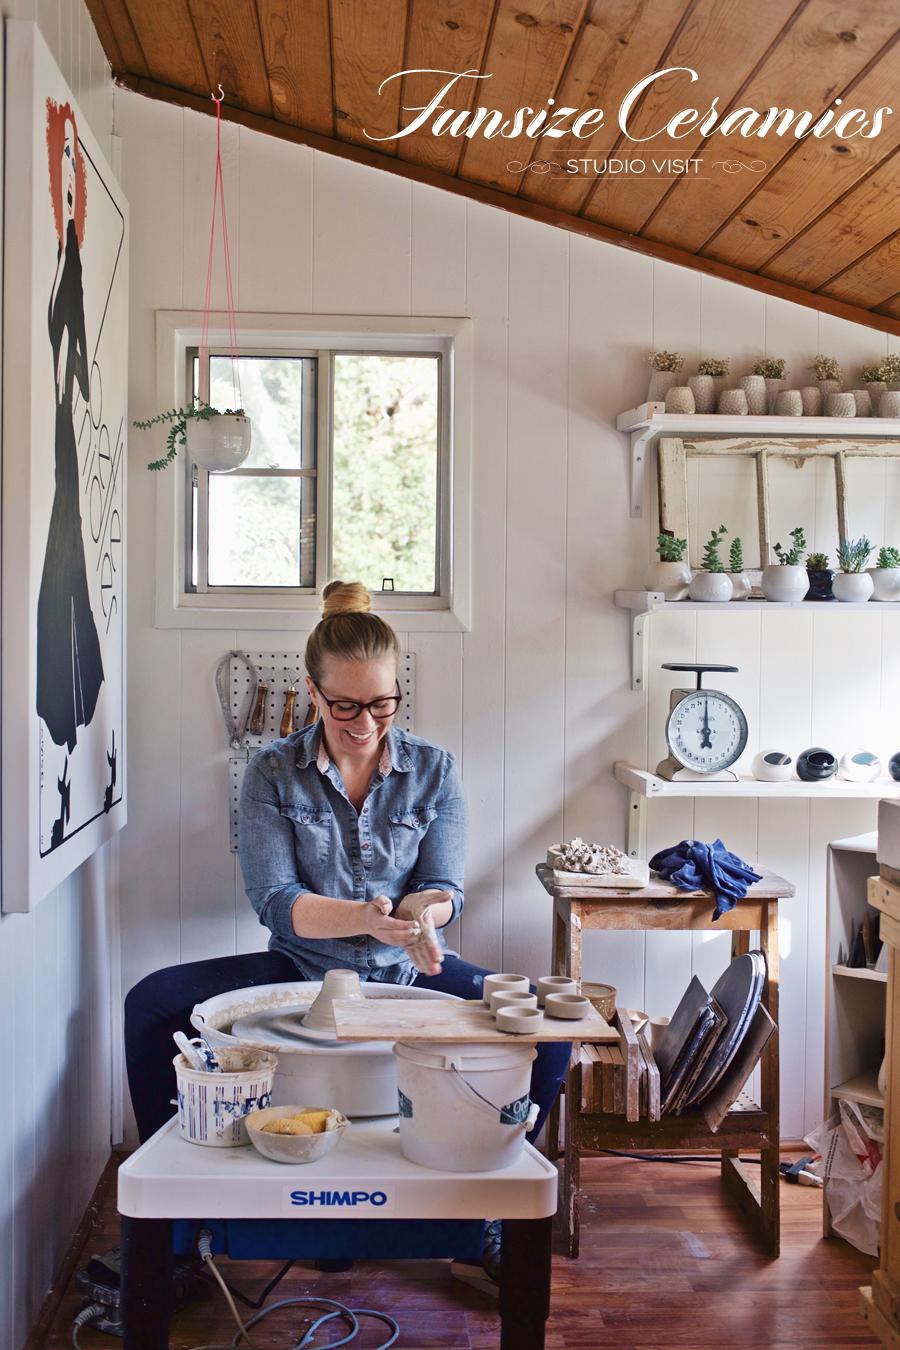 Funsize Ceramics | Studio Visit | Dine X Design